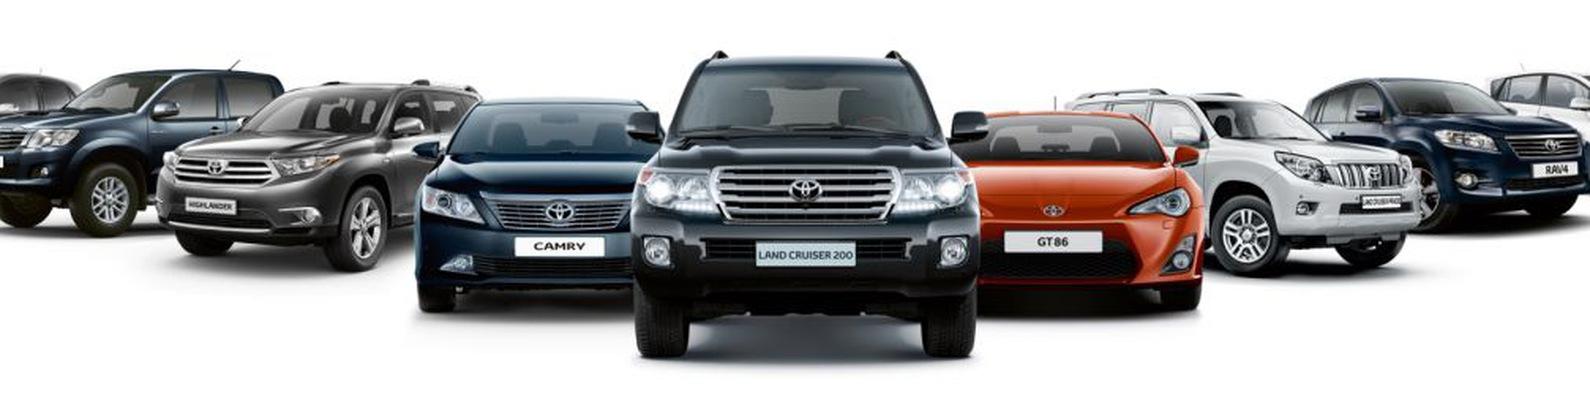 Надежность и практичность автомобилей марки Тойота